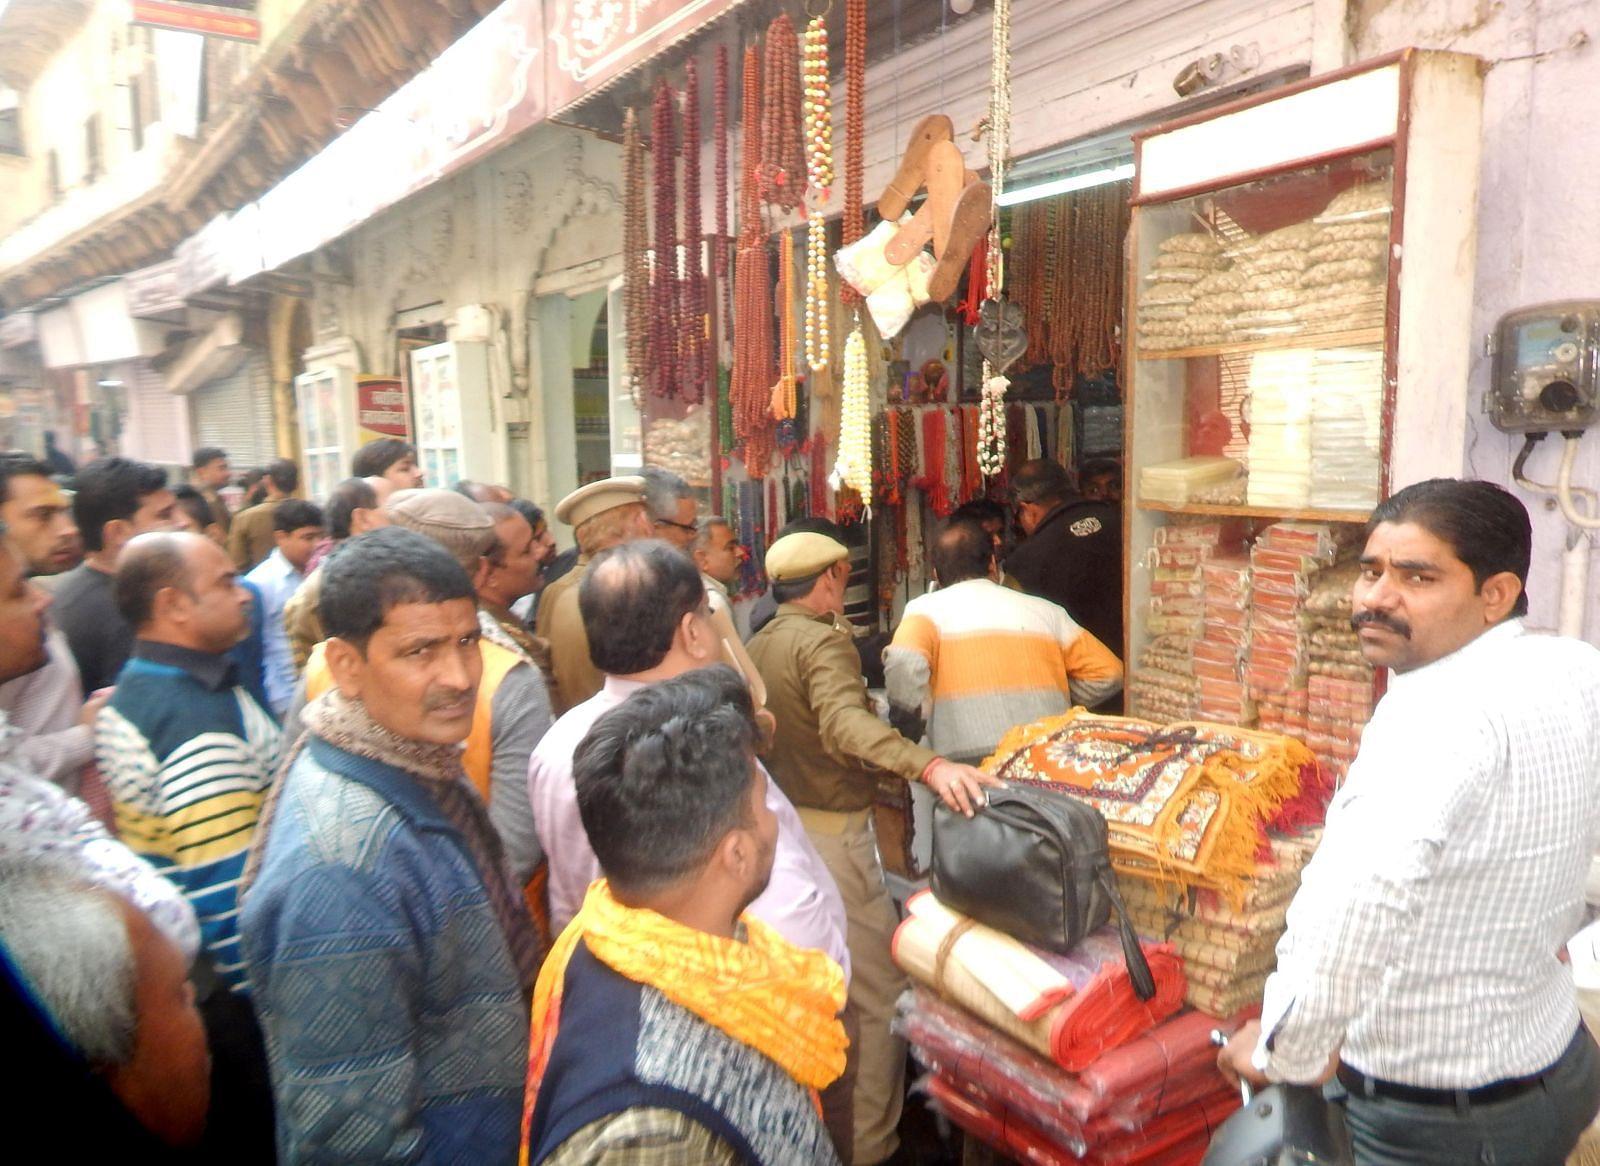 फोटो 39आर कंसखार स्थित कण्ठी माला की दुकान में अवैध सामान को तलाशते पुलिसकर्मी। दुकान के बाहर खड़?